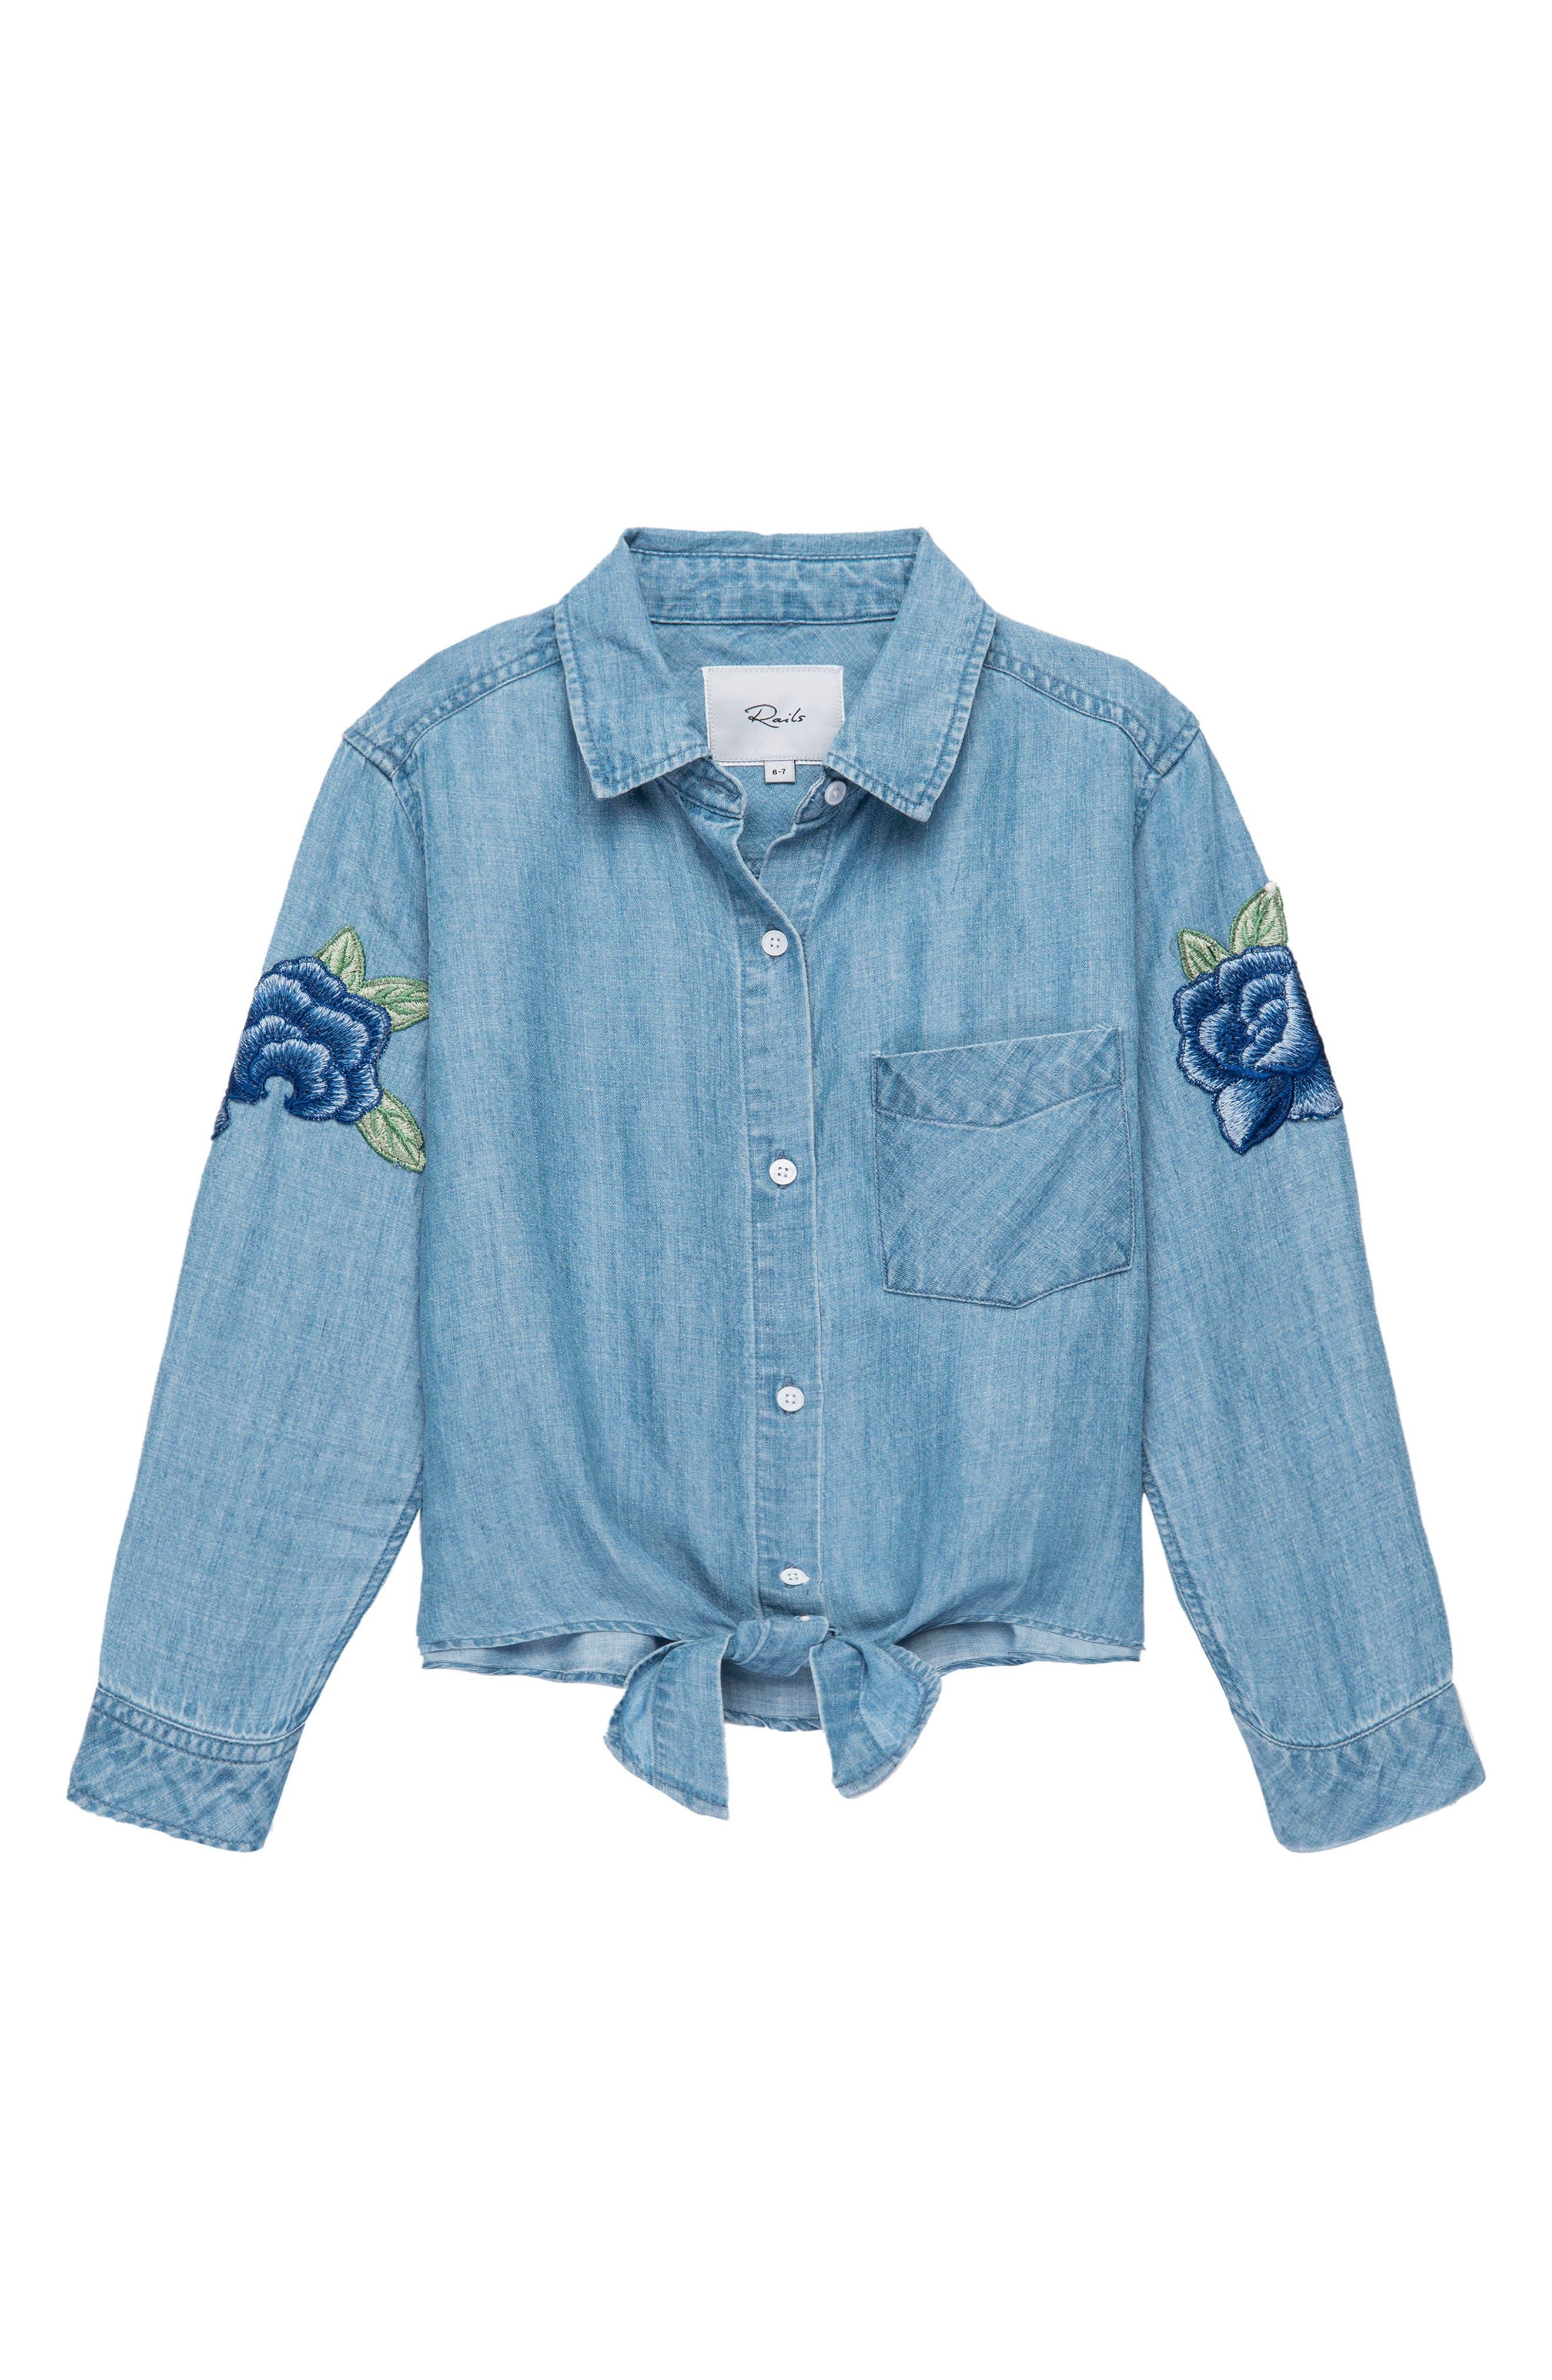 Valerie Flower Appliqué Shirt,                         Main,                         color, Medium Vintage-Flower Patch